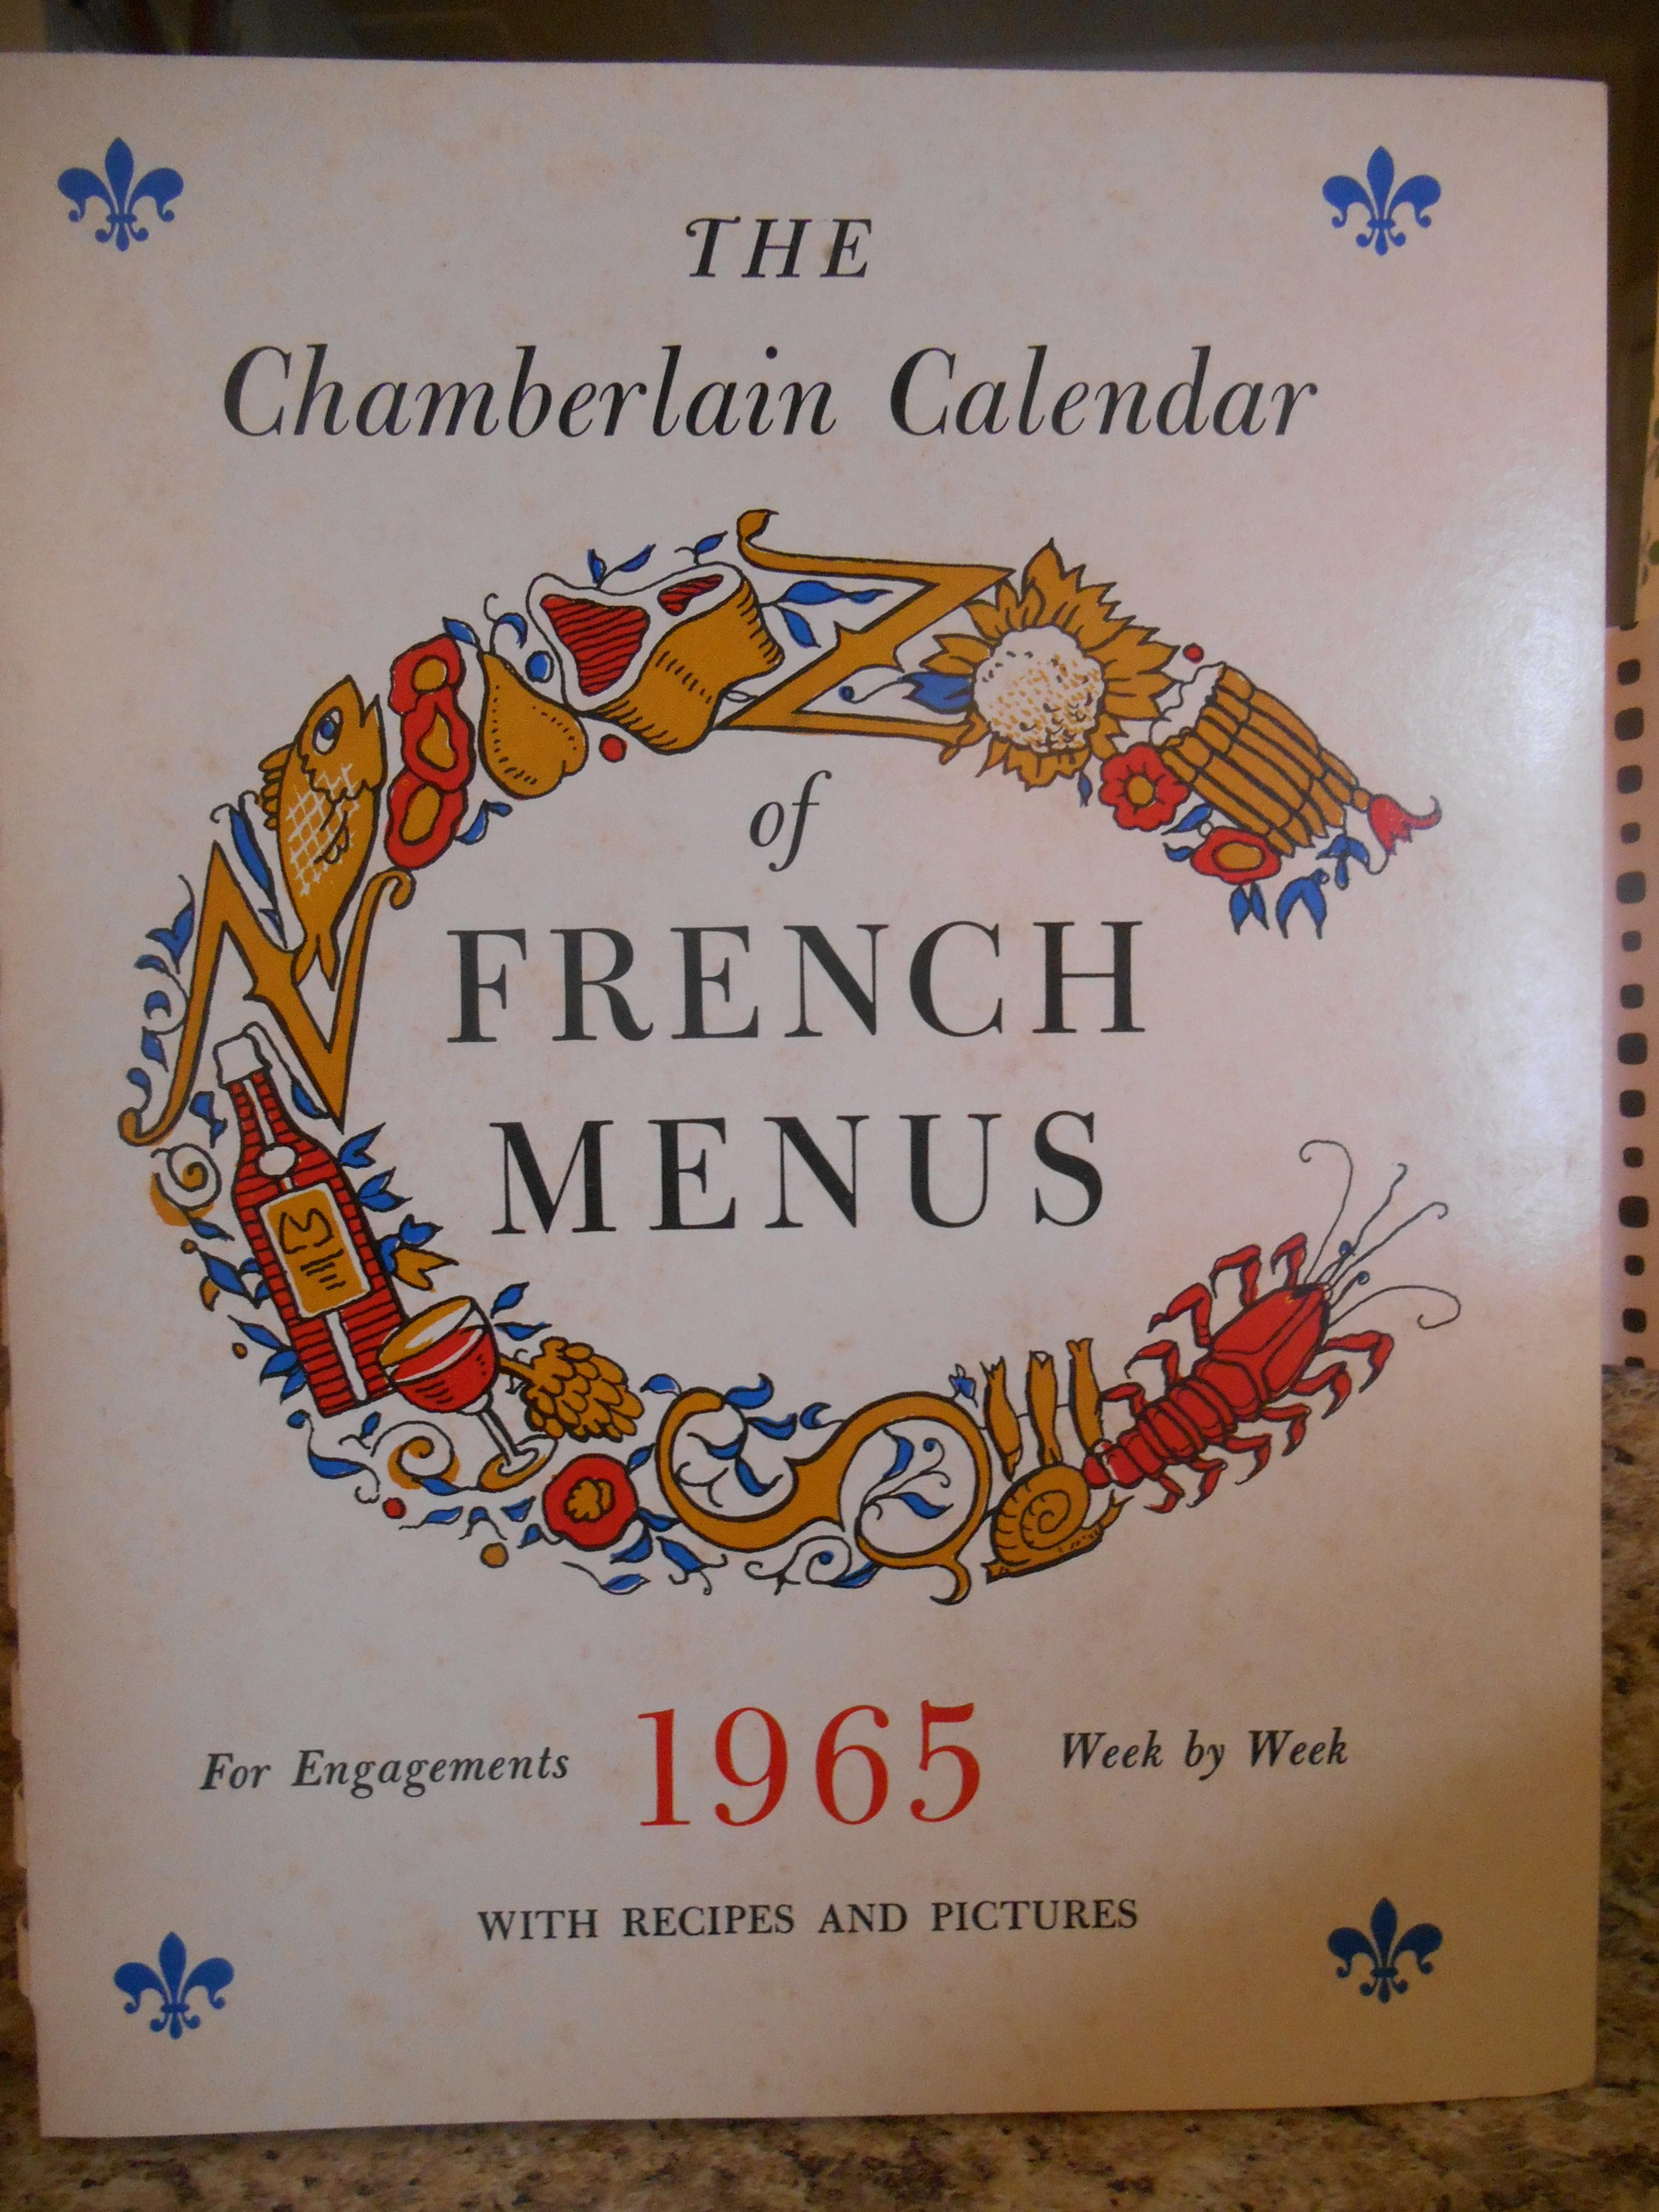 1965 Chamberlain Calendar of French Menus